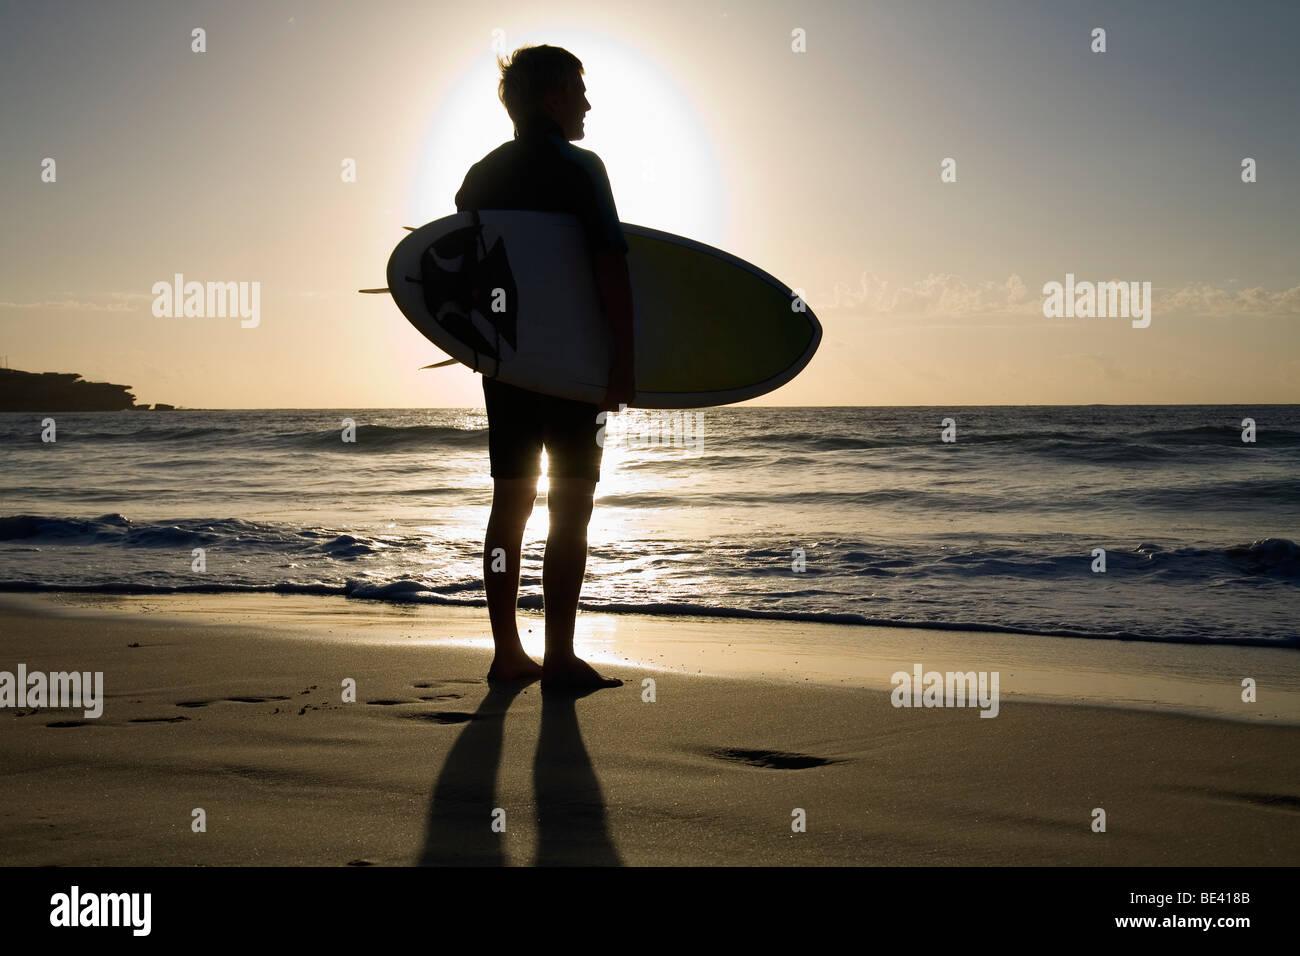 Eine Surfer mit Surfbrett wird von der Morgensonne Silhouette.  Bondi Beach. Sydney, New South Wales, Australien Stockbild